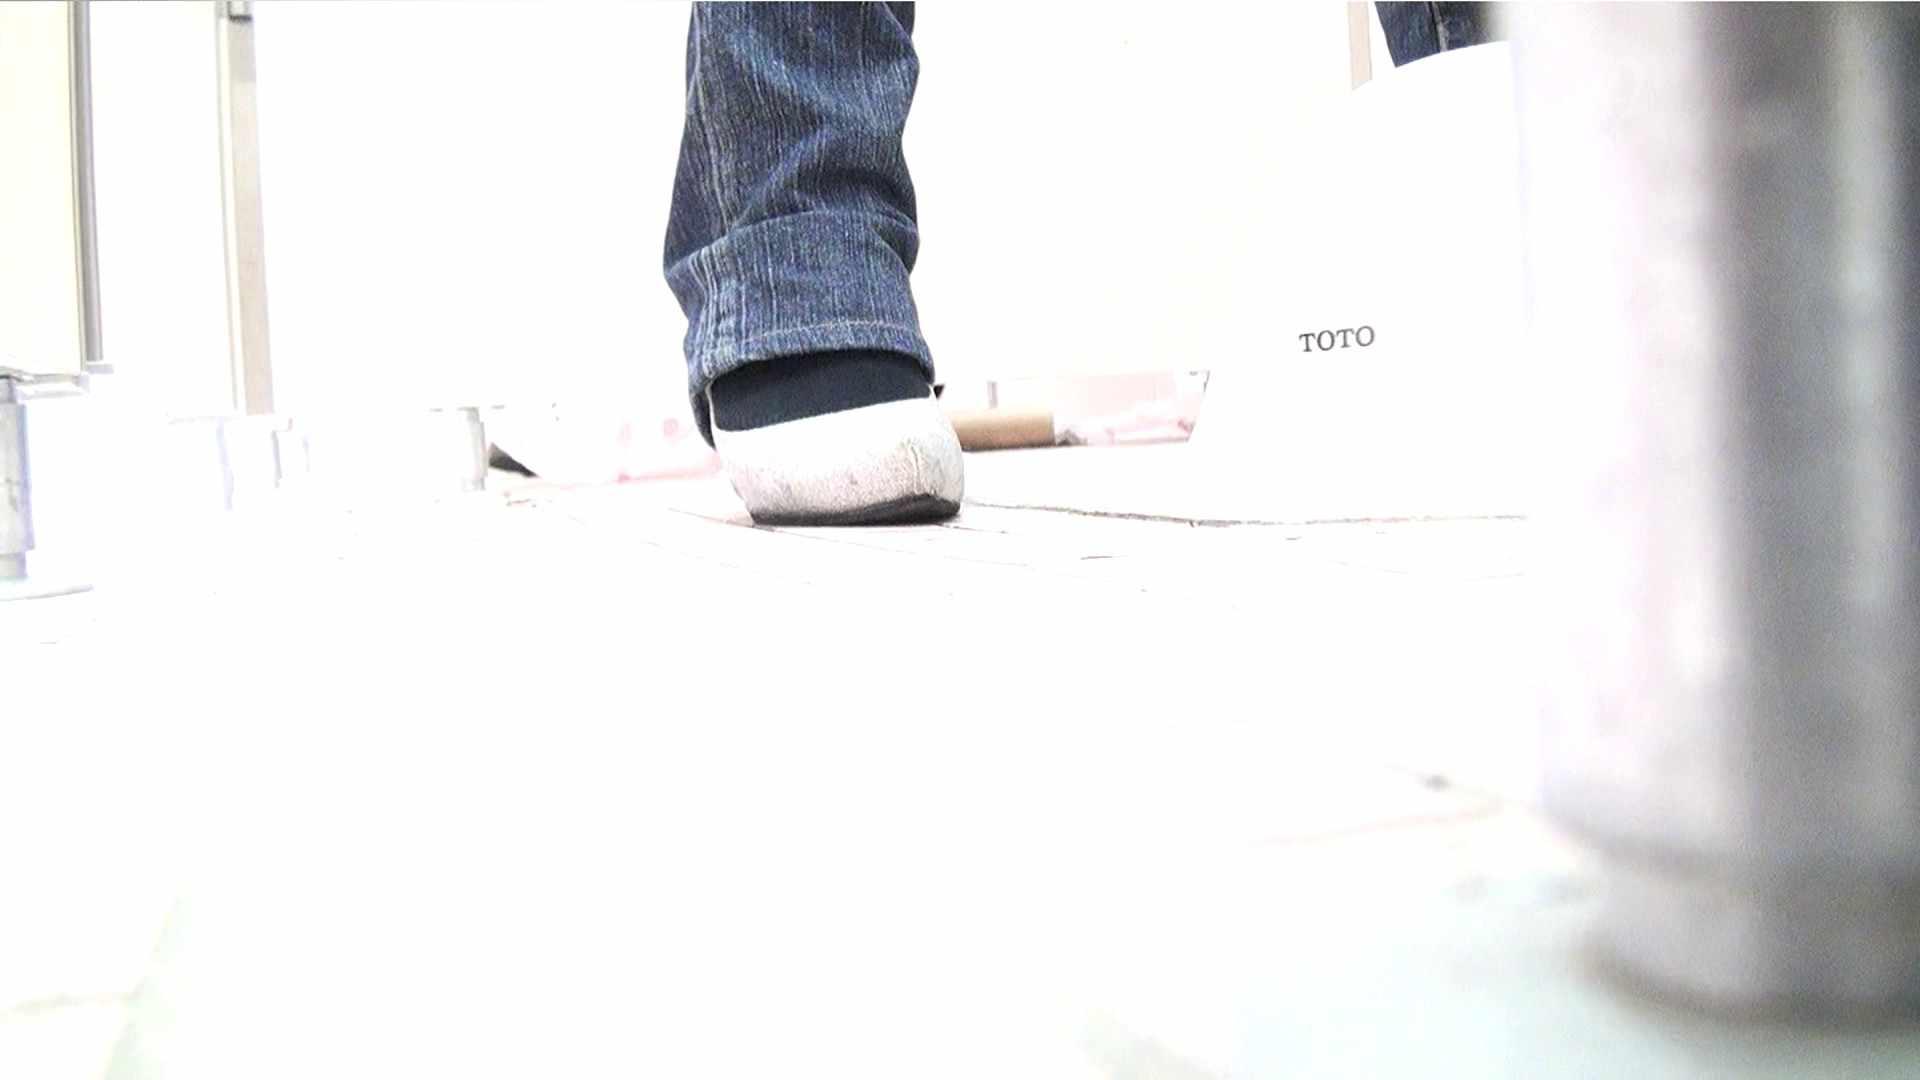 ※100個限定販売 至高下半身盗撮 プレミアム Vol.29 ハイビジョン 盗撮エロすぎ | OL  49連発 5